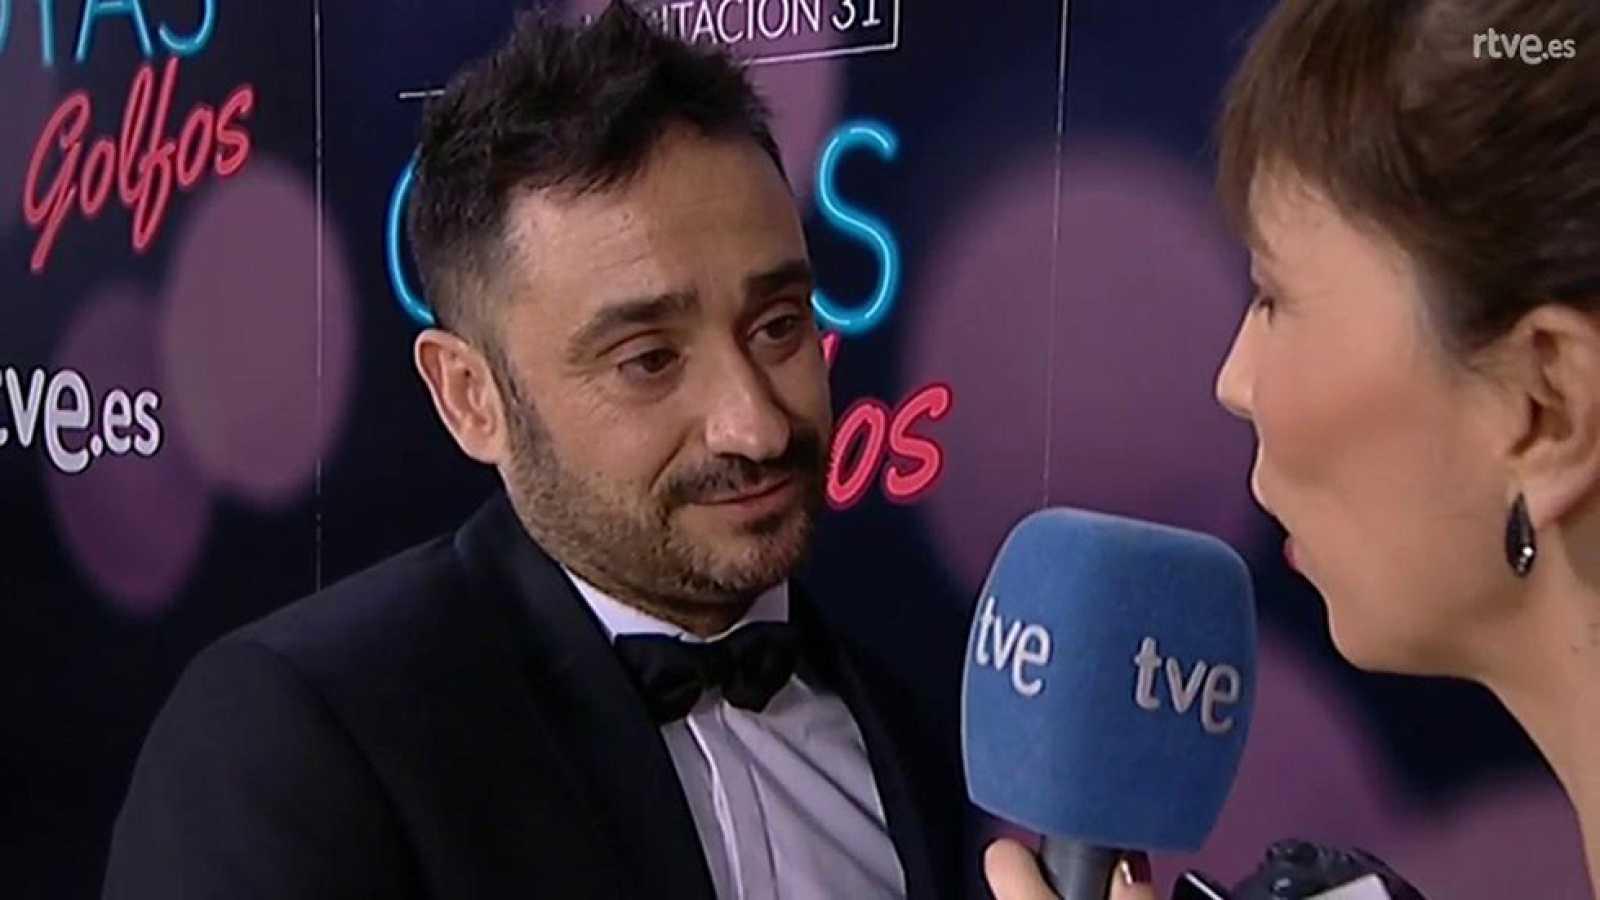 """Goyas Golfos 2017 - Juan Antonio Bayona : """"Es una noche que voy a recordar toda mi vida"""""""